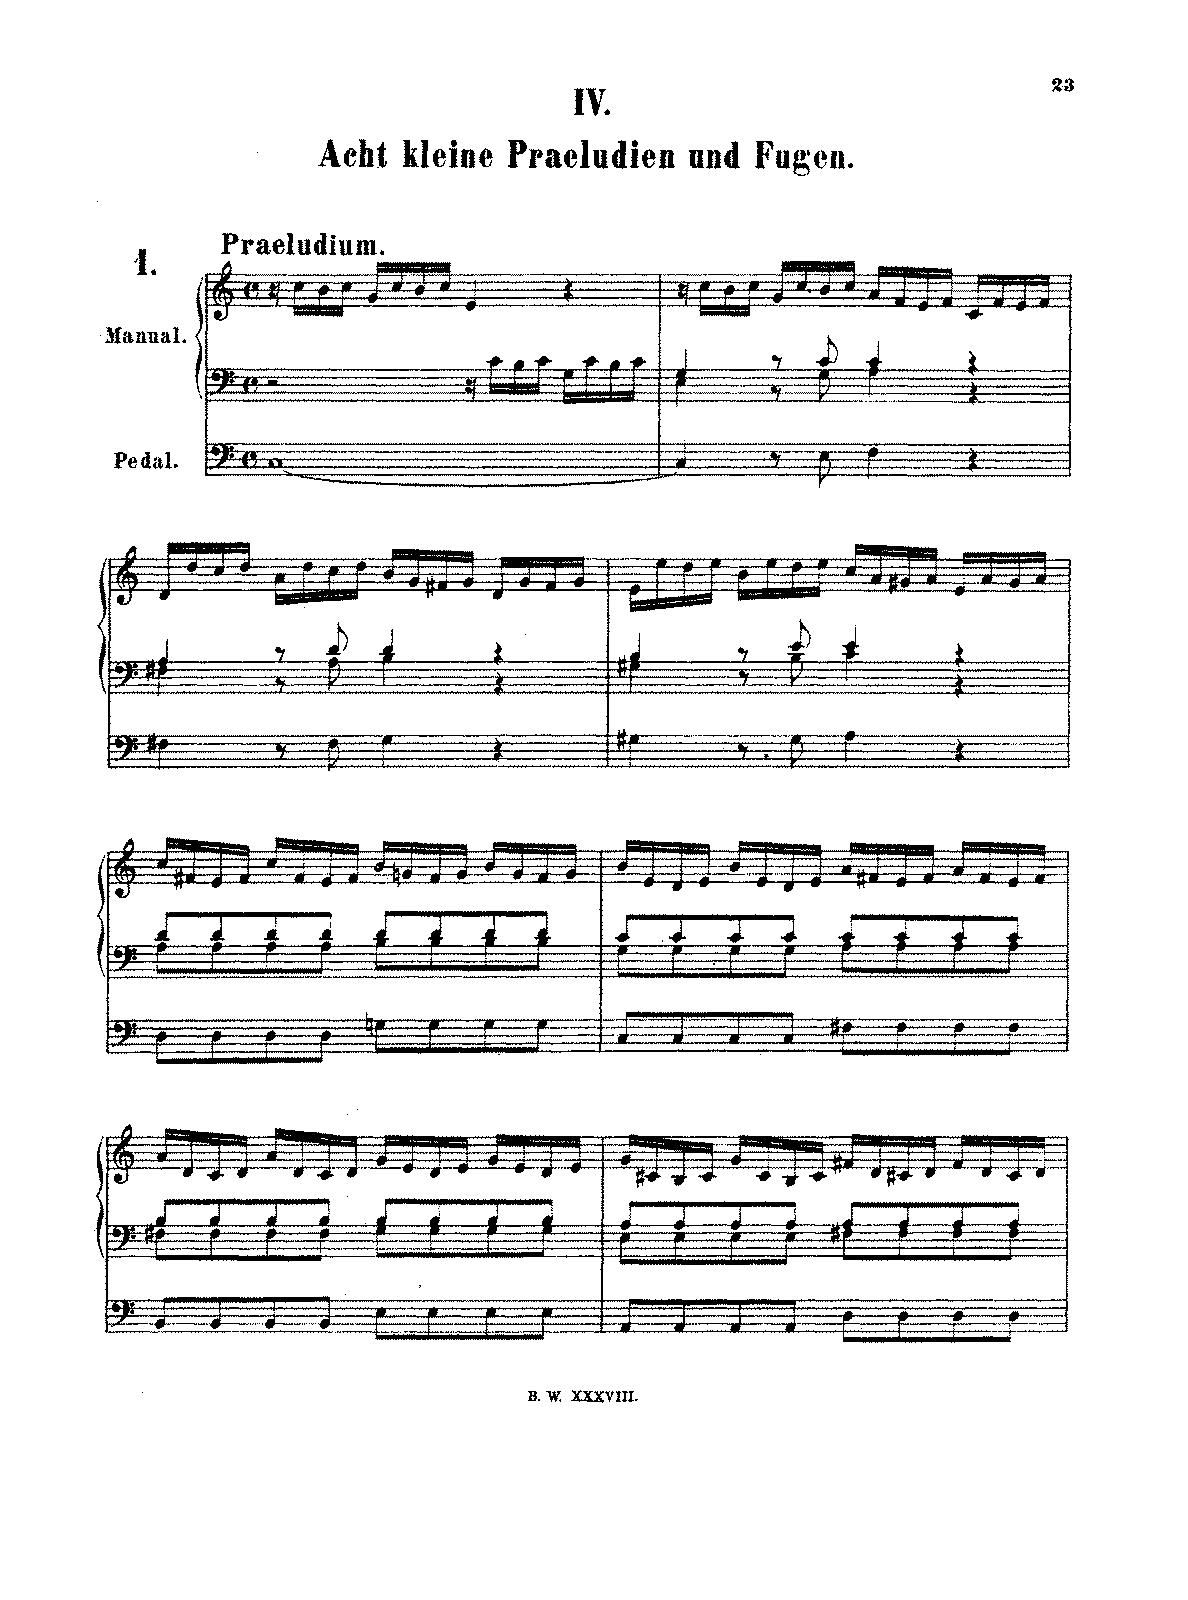 Johann Sebastian Bach* J.S. Bach·- Jaap Ter Linden - Suites Pour Violoncelle • Cello-Suiten • Cello Suites BWV 1007-1012